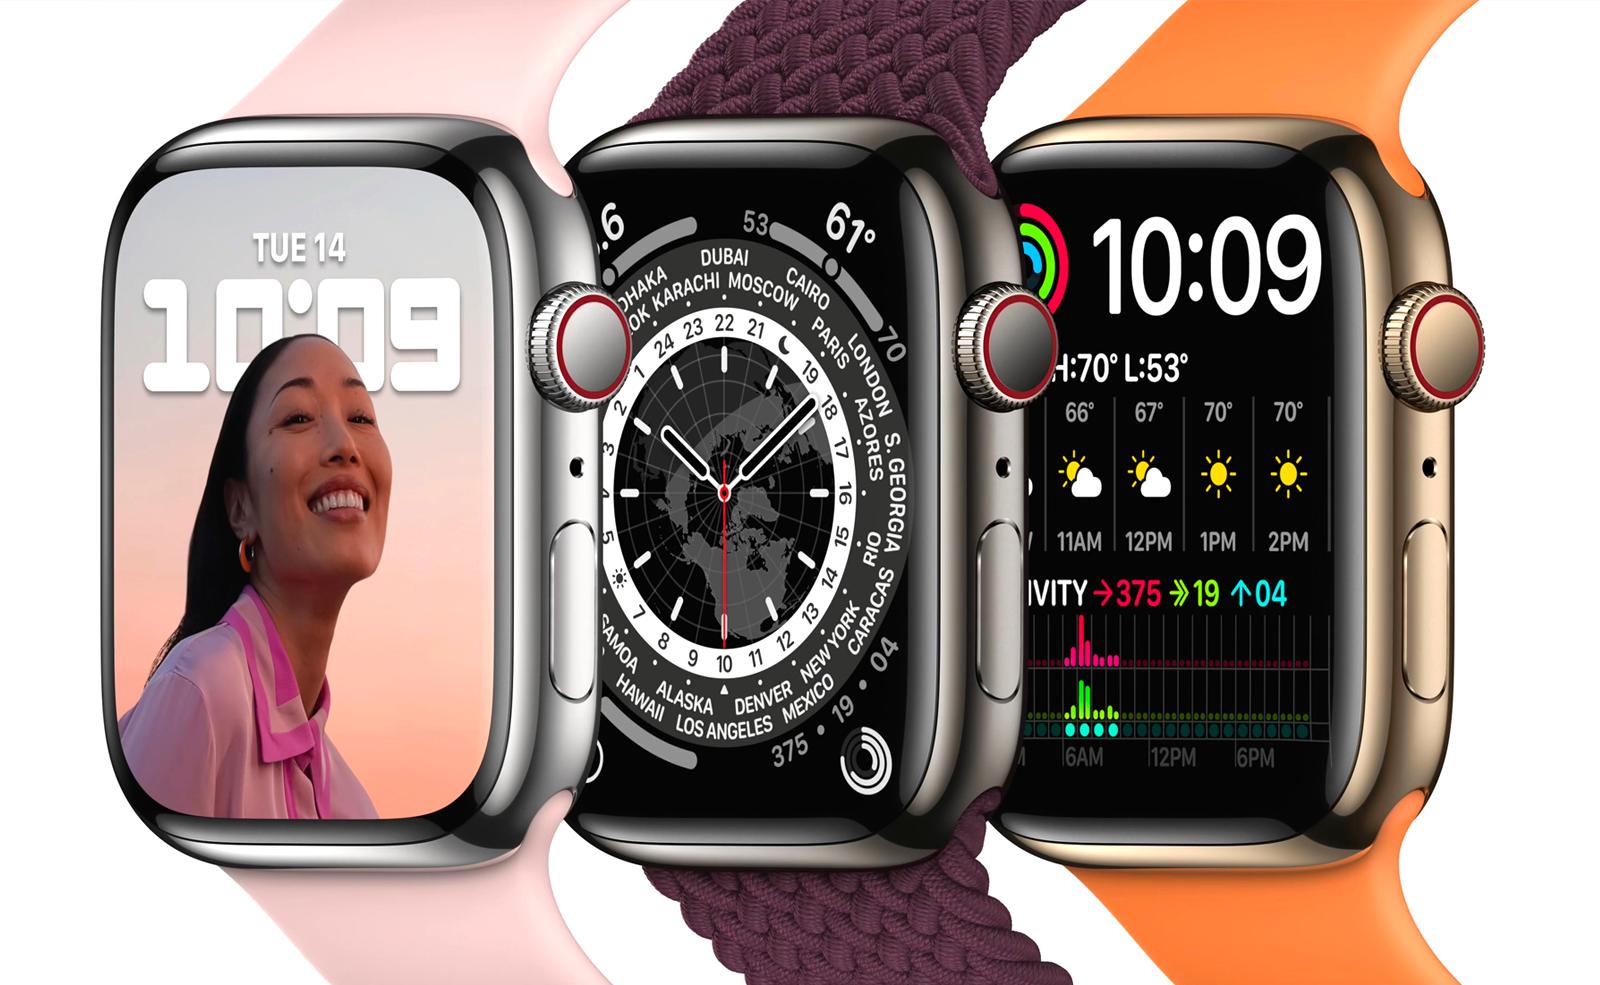 Nouveau • Un iPad mini flambant neuf et une Apple Watch à venir